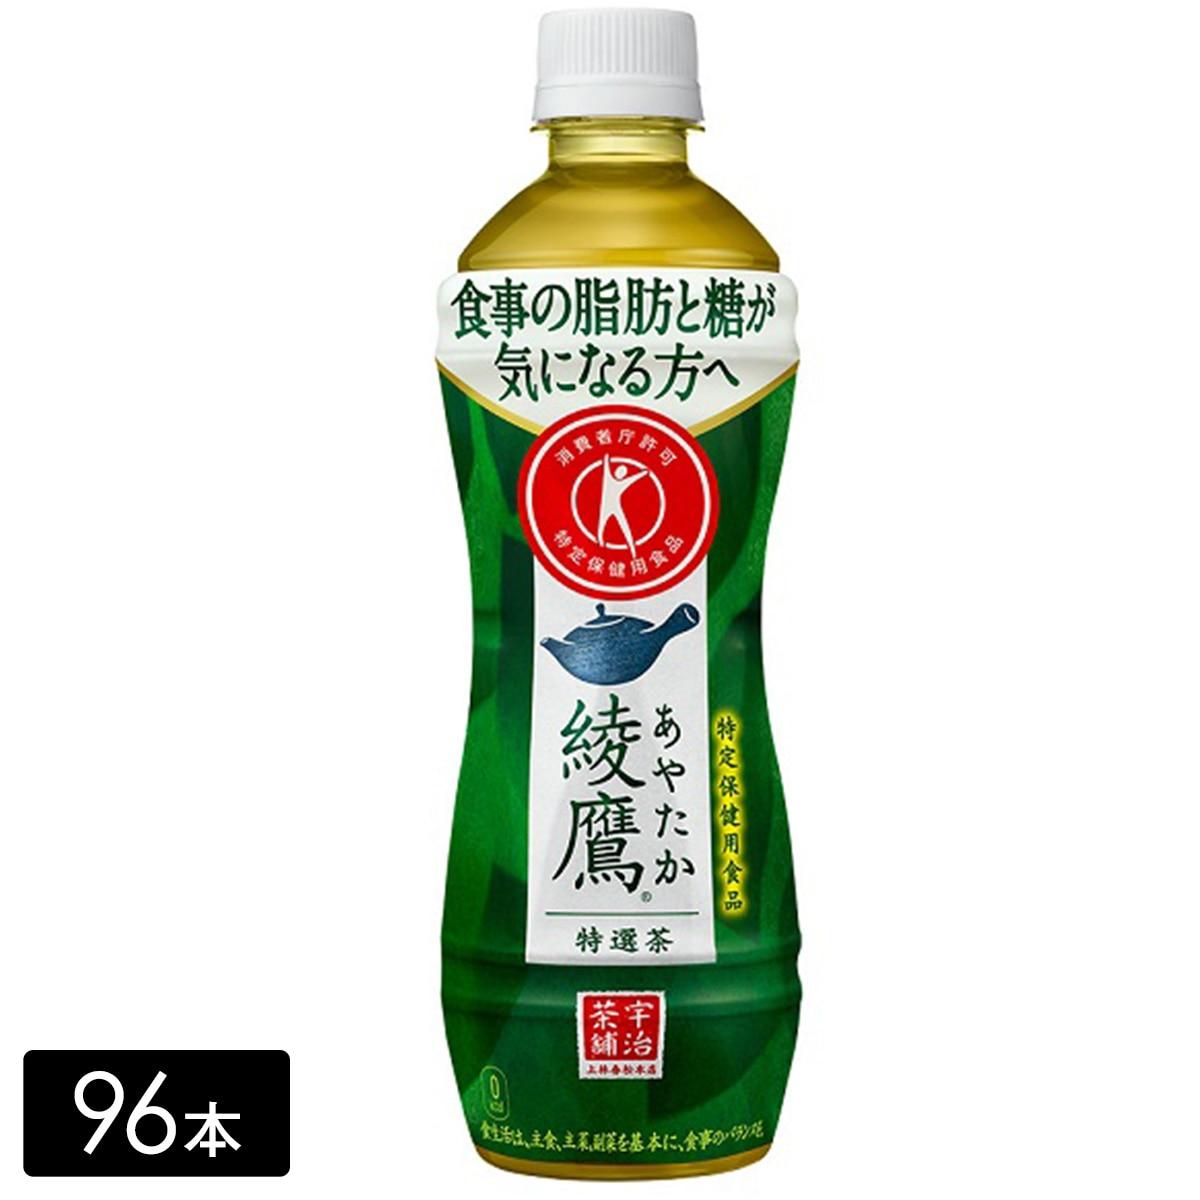 コカ・コーラボトラーズ 綾鷹 特選茶 500mL×96本 48441